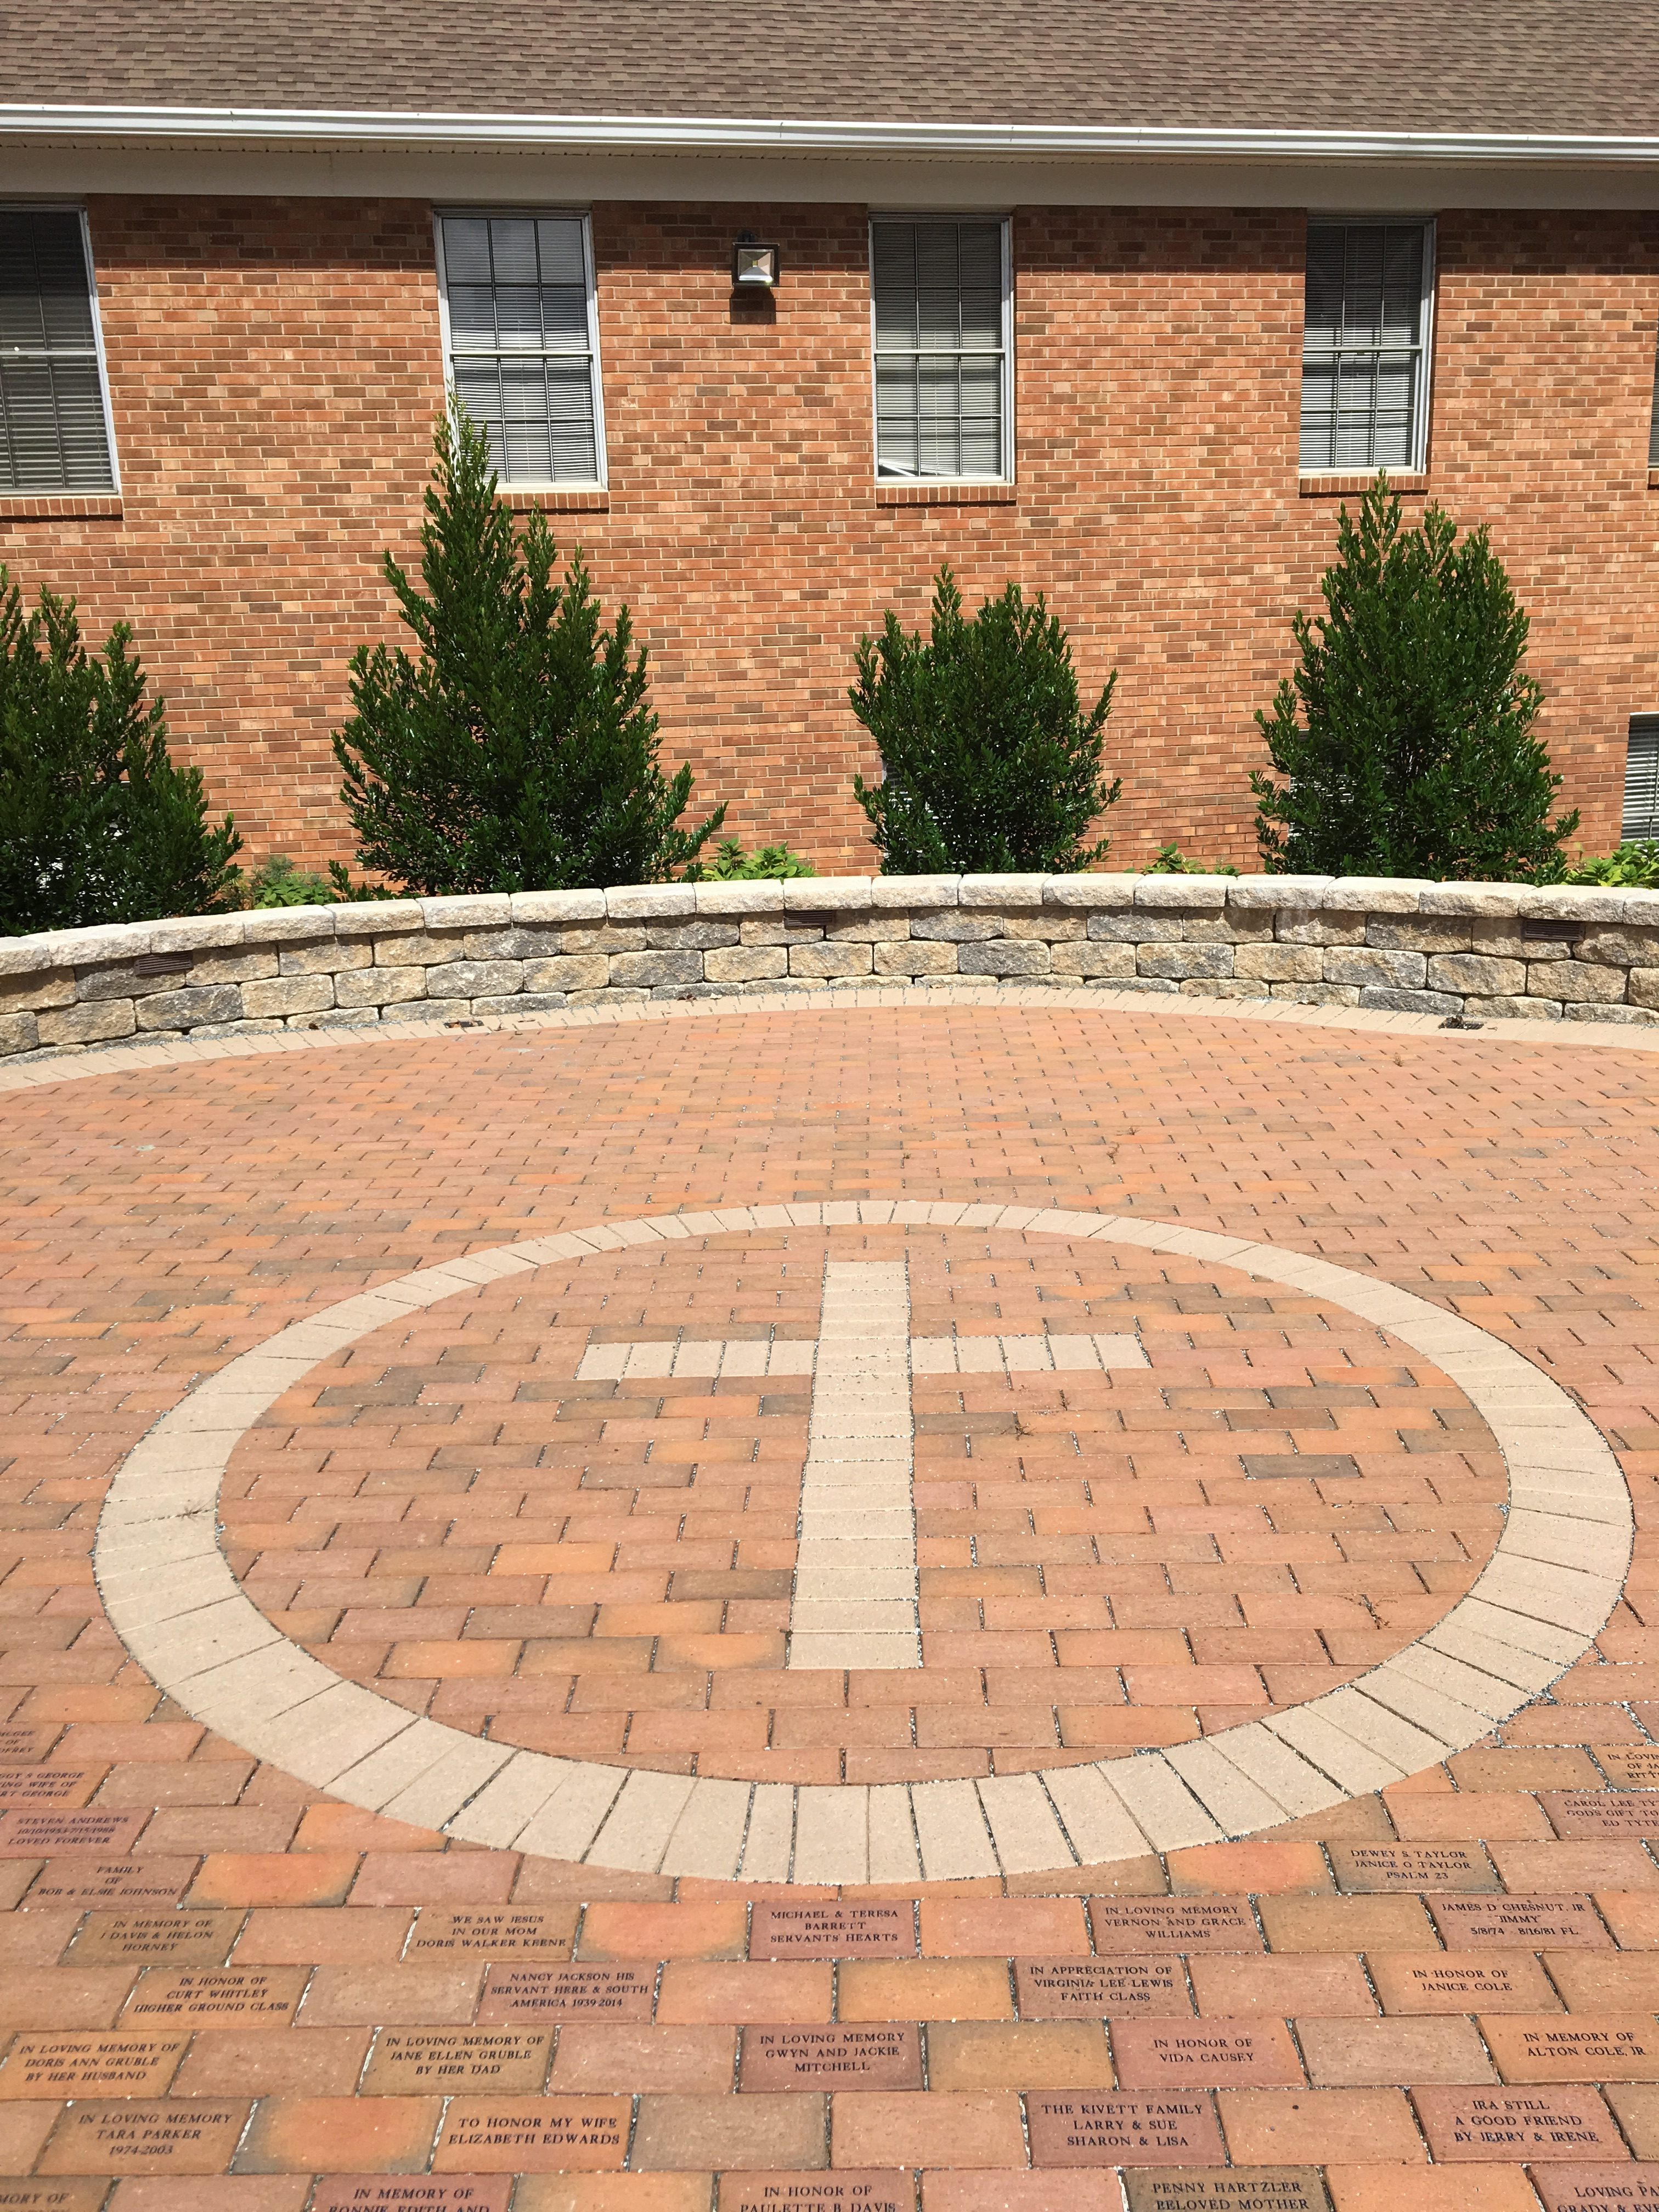 clay pavers create cross motif in memorial garden